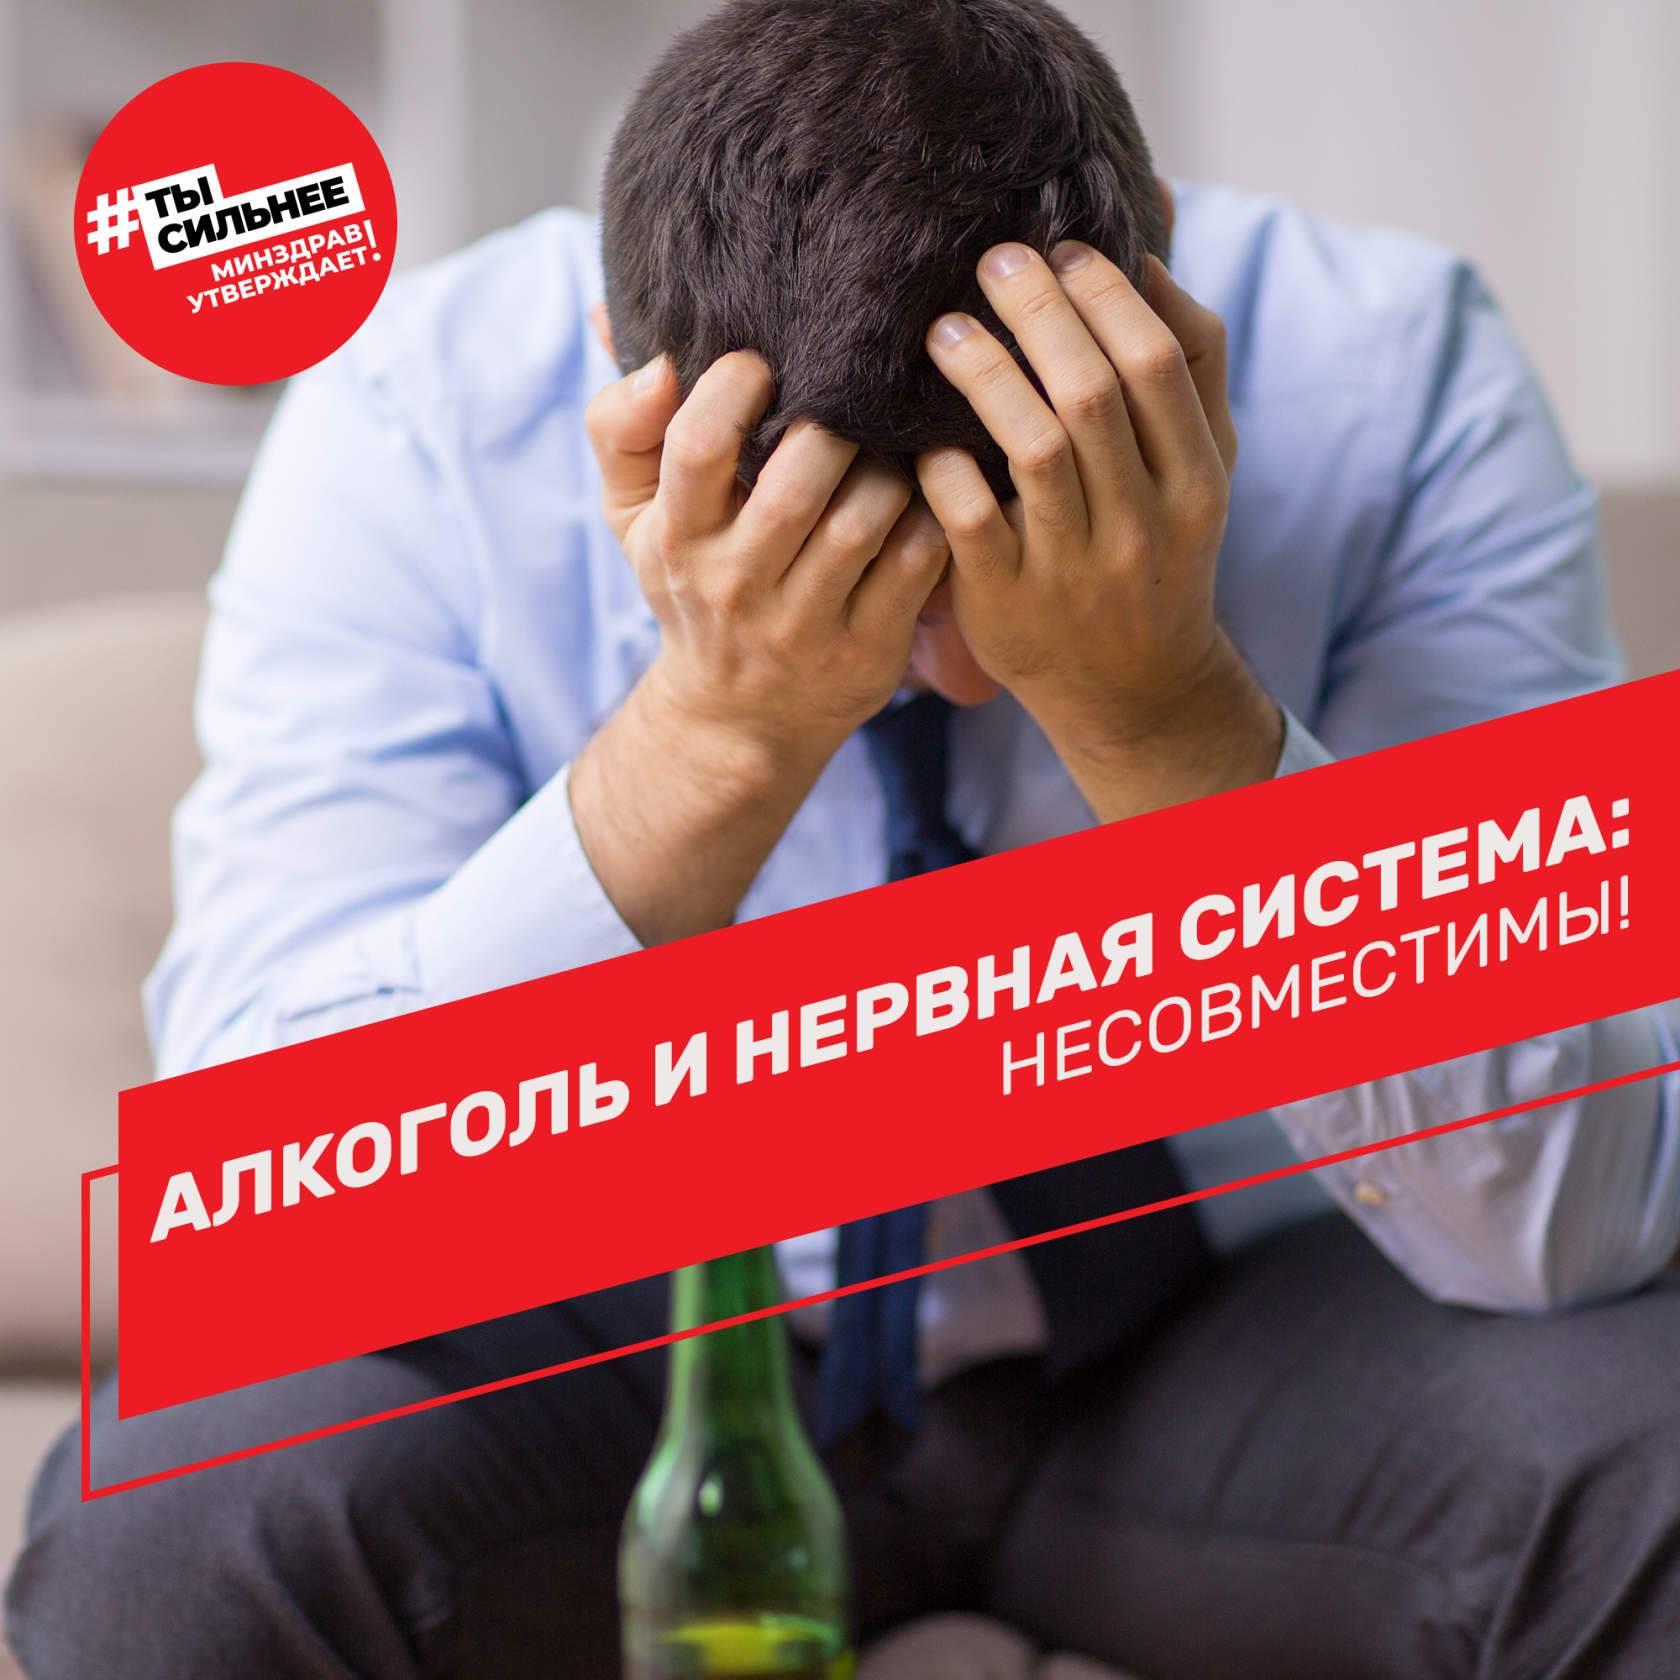 Как алкоголь влияет на нервную систему кратко